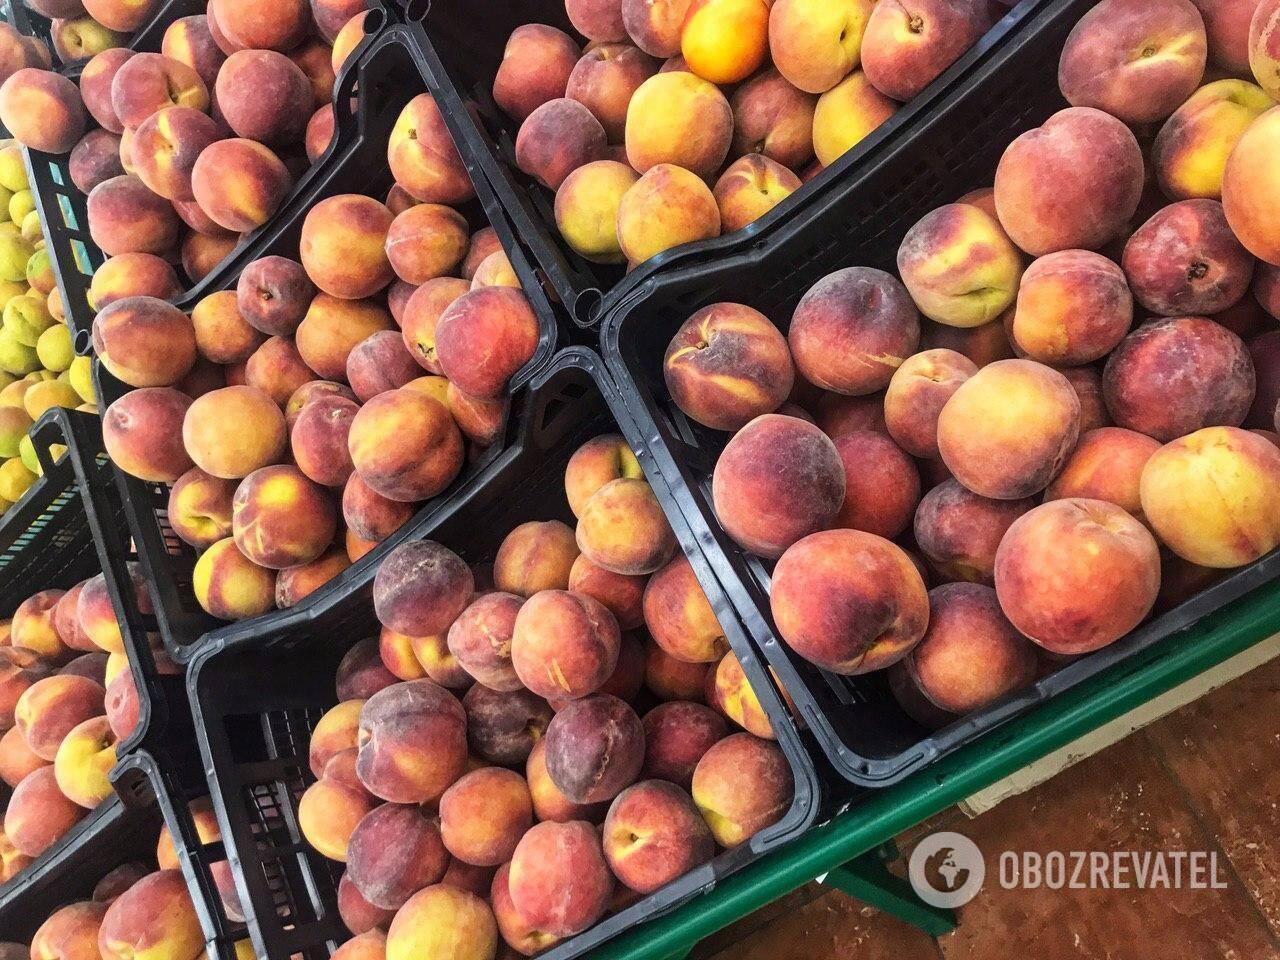 Харчові продукти повинні реалізовуватися вчасно і по сезону